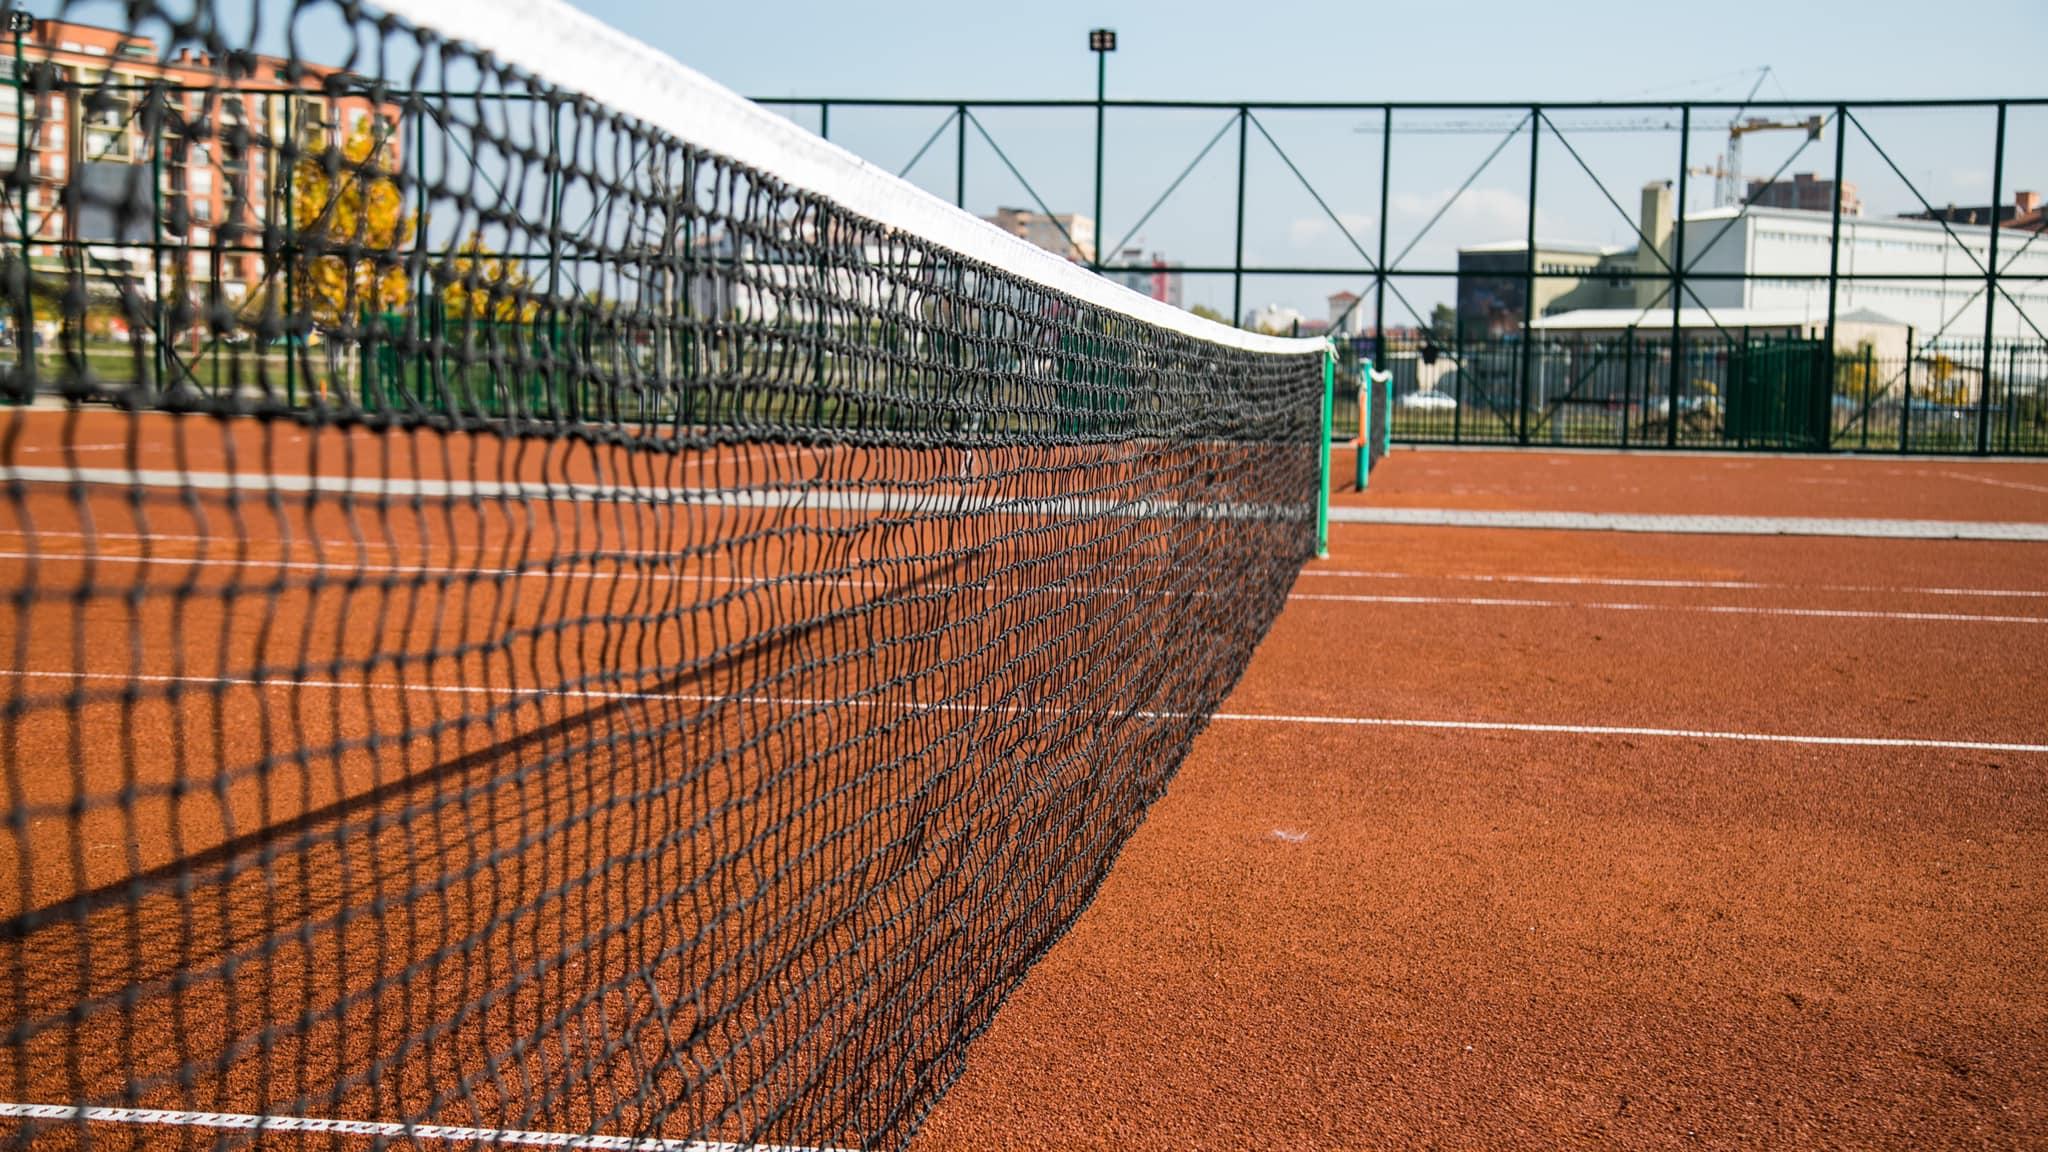 123049032 3522339291145214 7496821371857212664 o1 - Përurohet fusha e tenisit dhe vihet gurthemeli i Qendrës Multifunksionale në Ferizaj